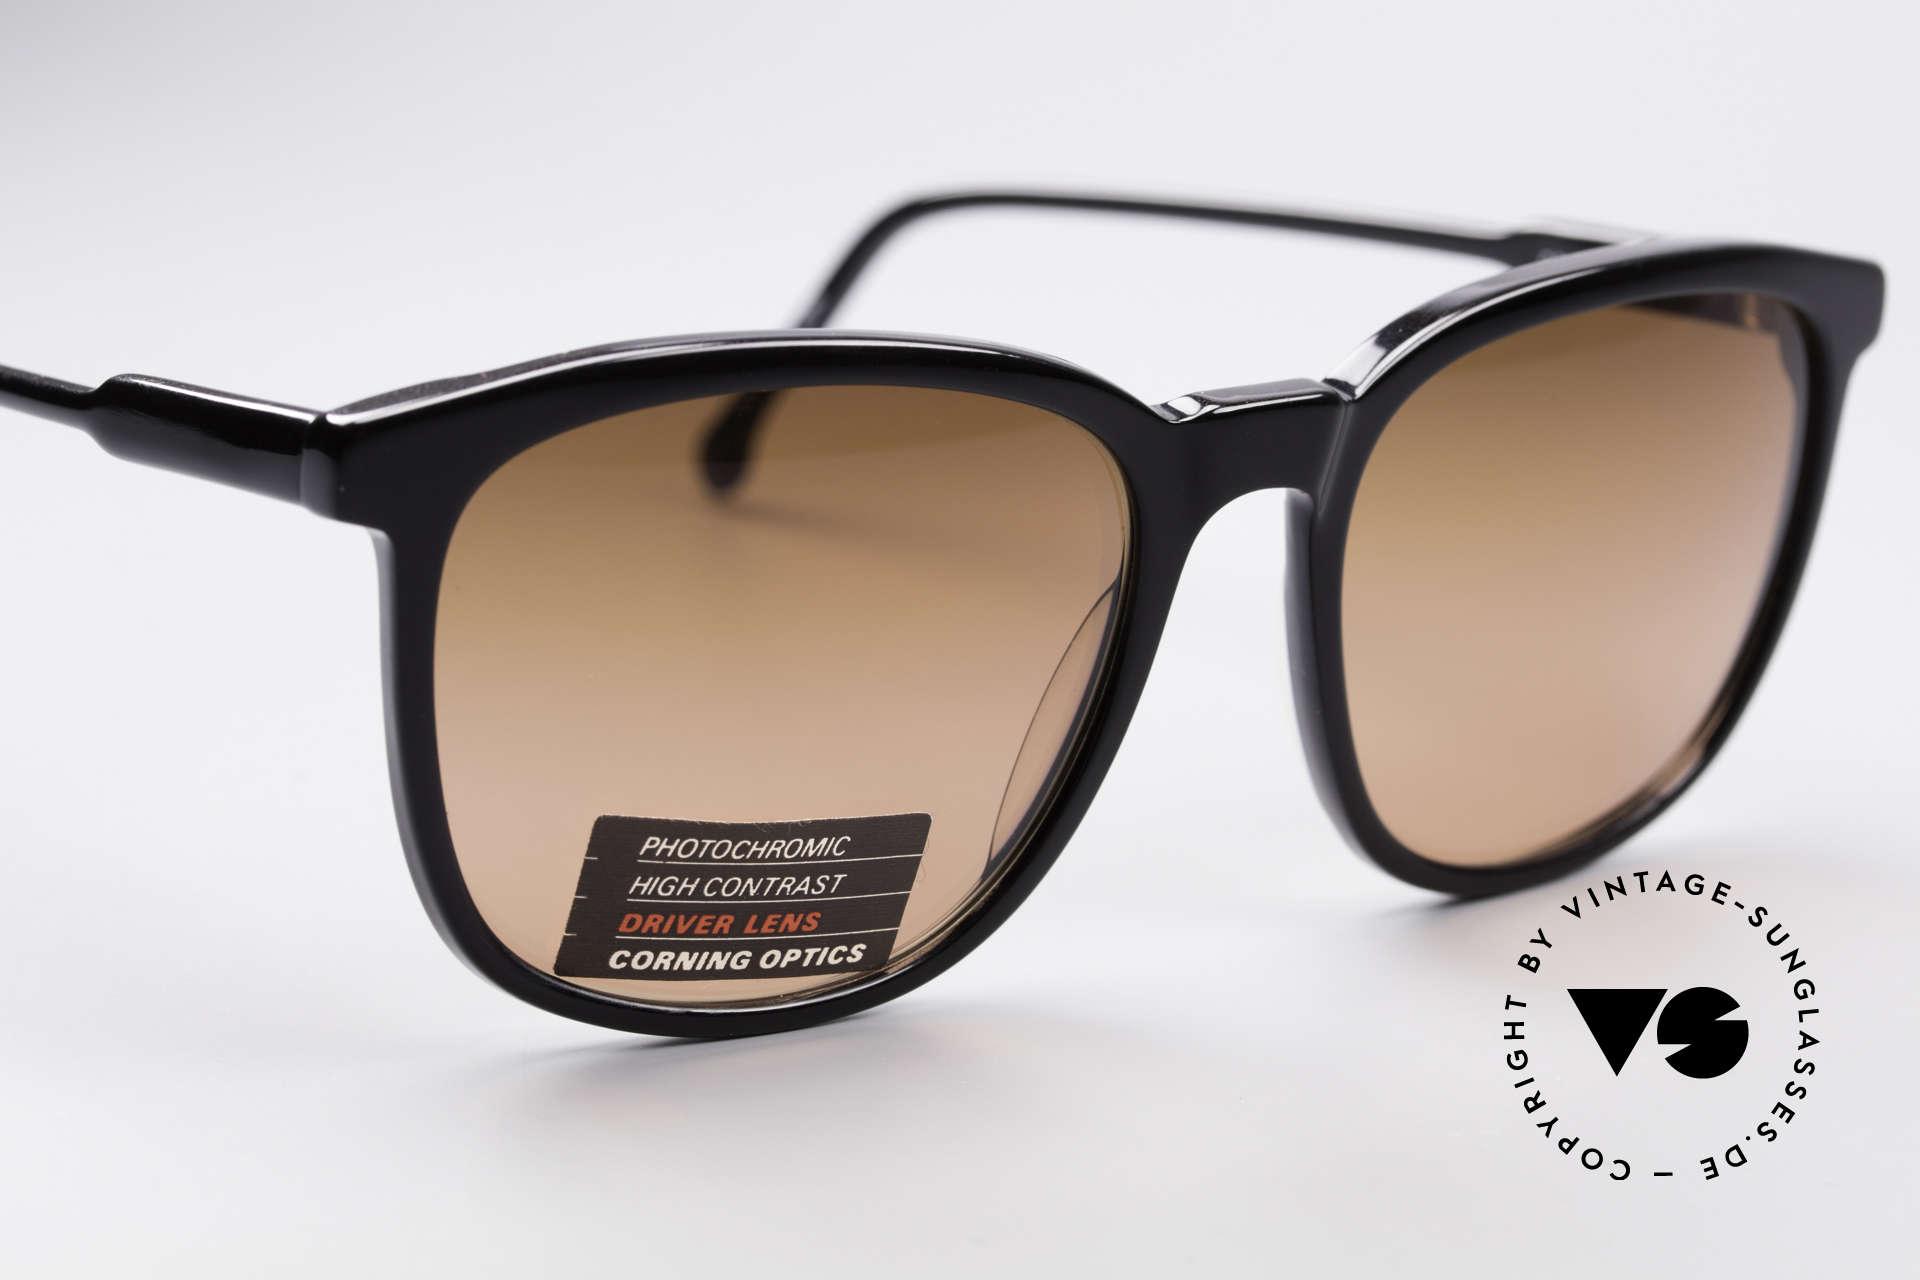 Serengeti Drivers 5343 Autofahrer Brille, Kunststoff-Fassung in 125mm Breite (KLEINE Größe)!, Passend für Herren und Damen